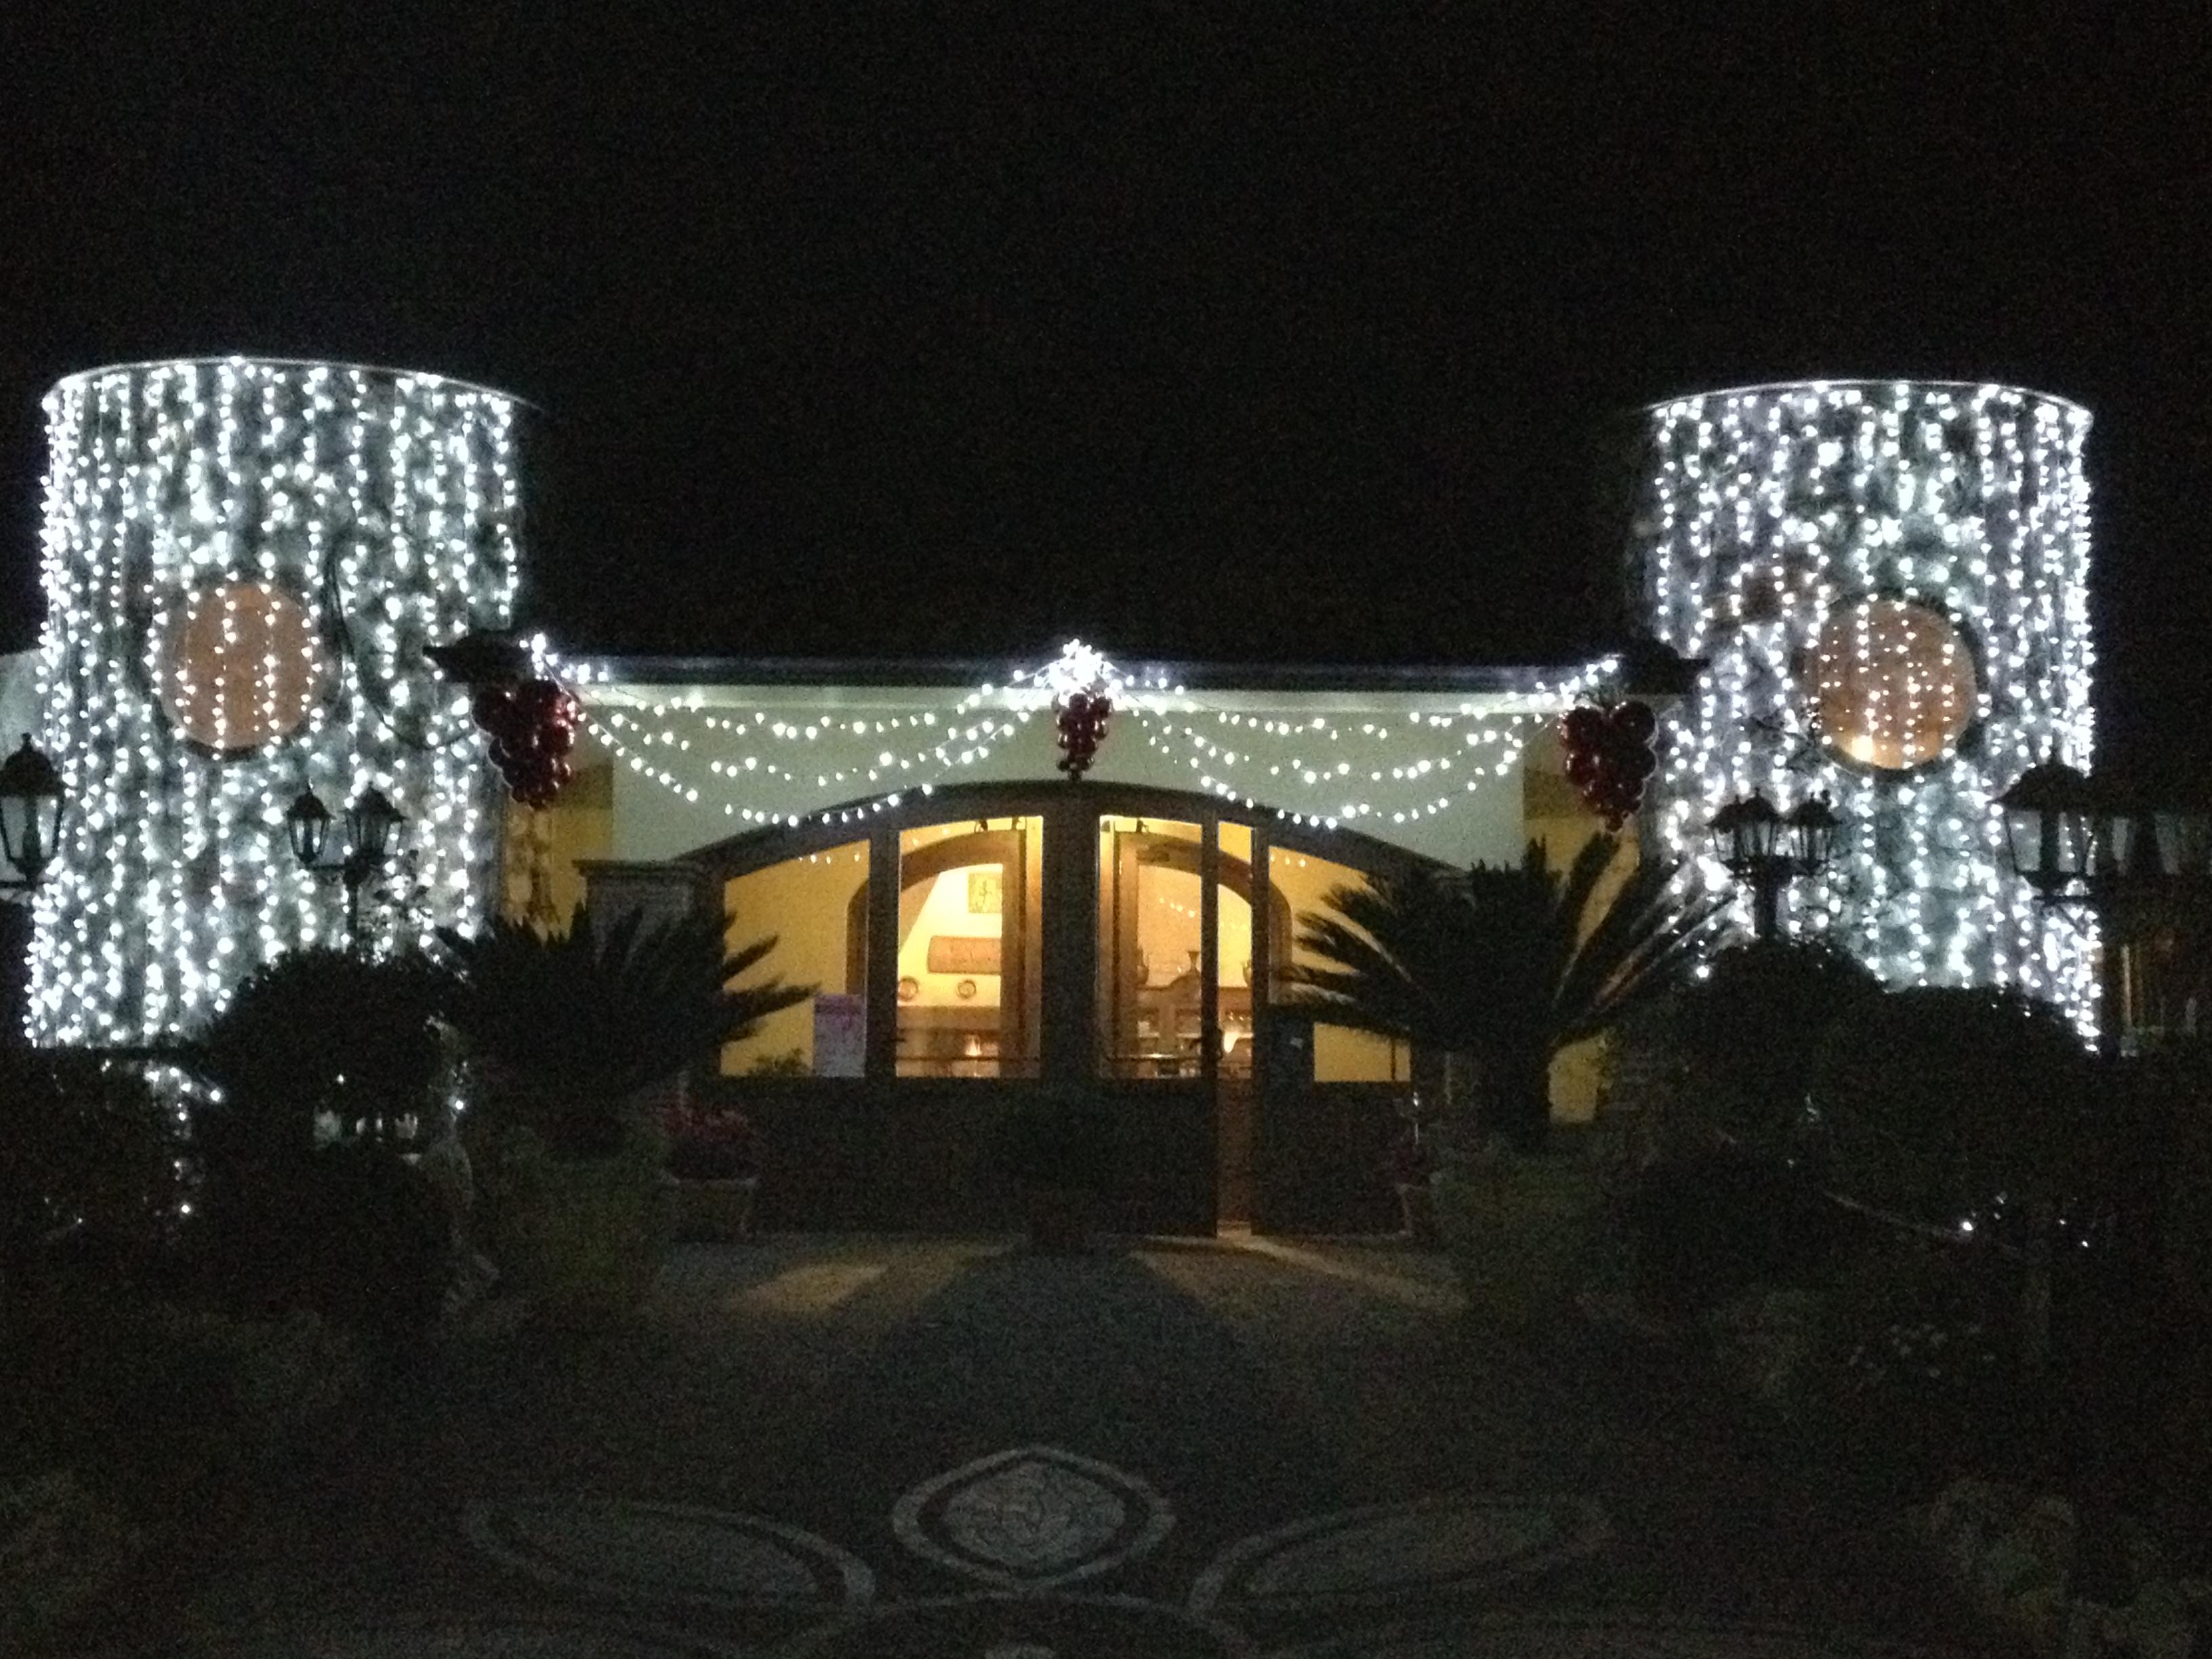 Decorazioni Luminose Natalizie : Scenografie e decorazioni luminose natalizie u2013 allestimentiderrico